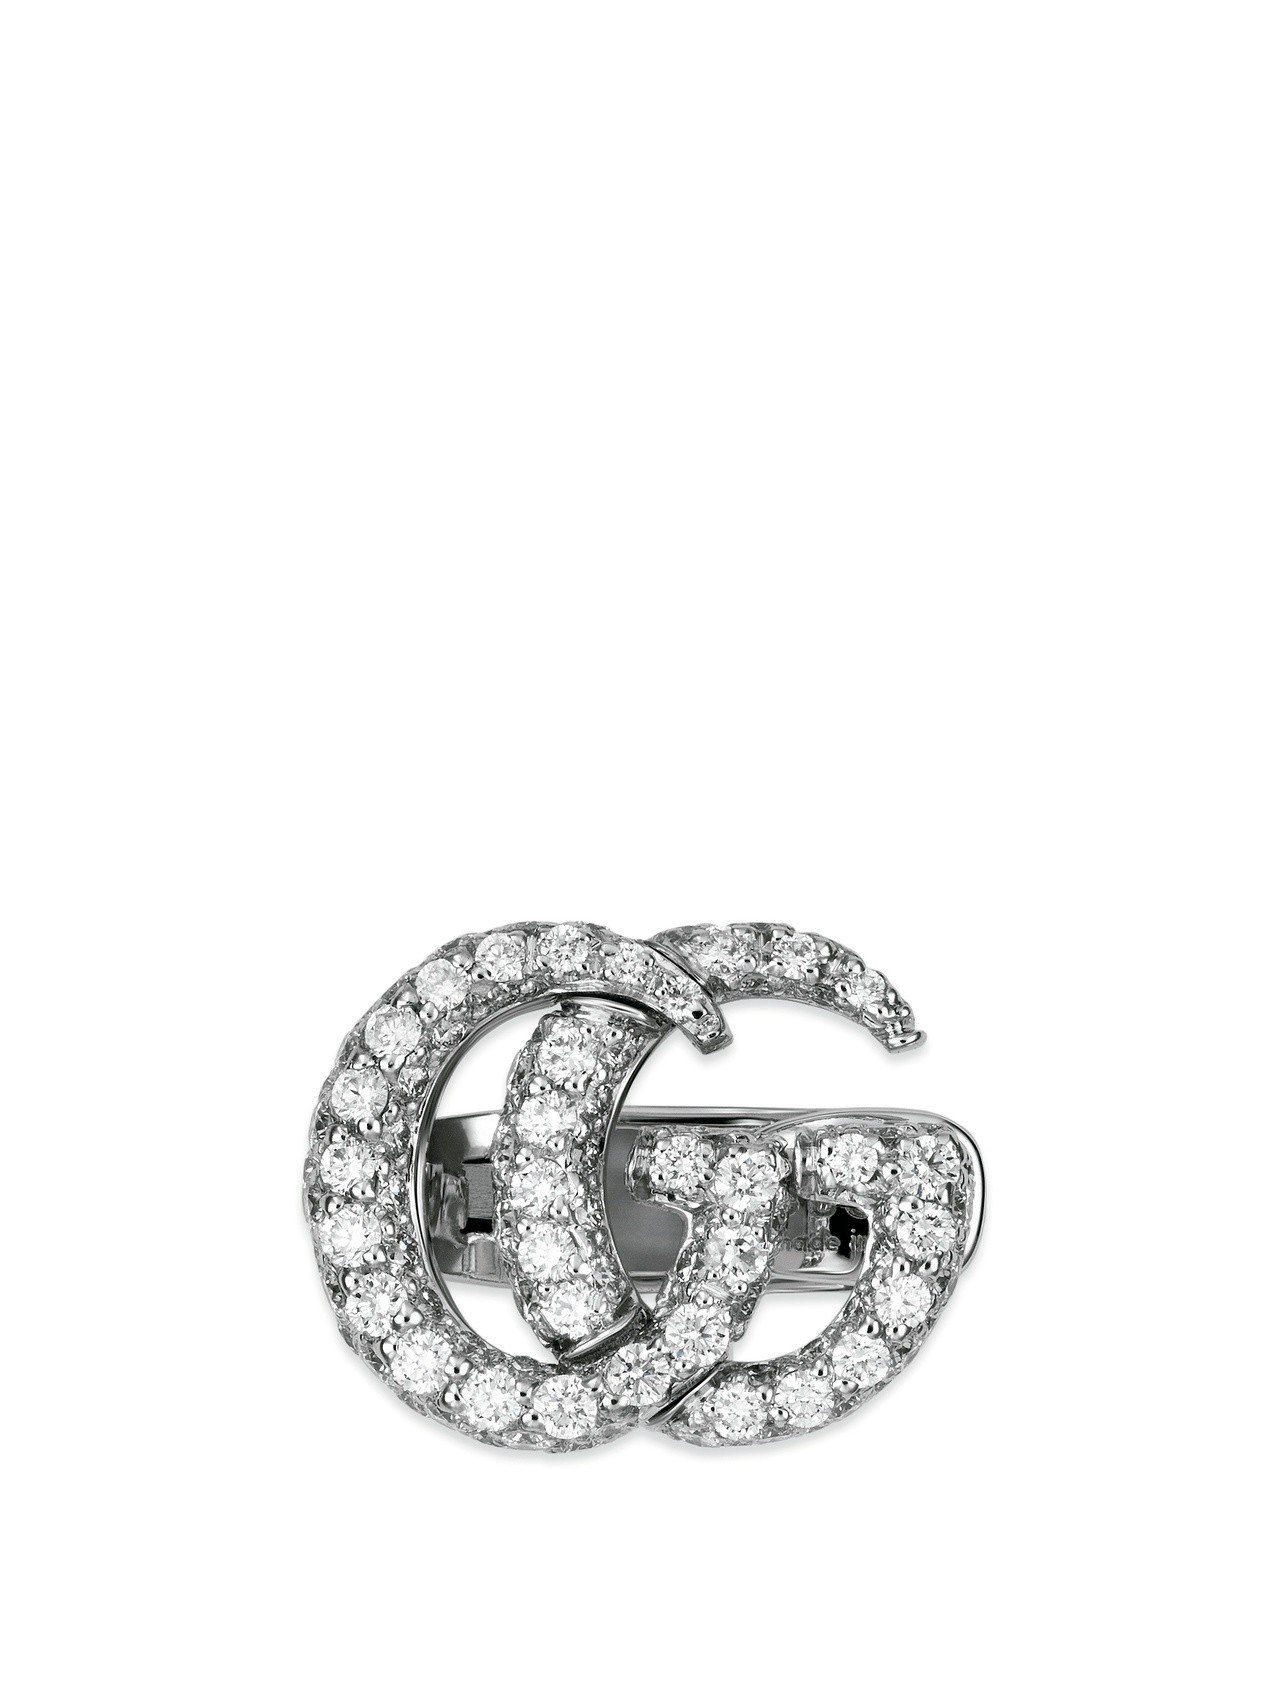 古馳18K白金GG鑽石耳環單耳,17萬1,600元。圖/古馳提供